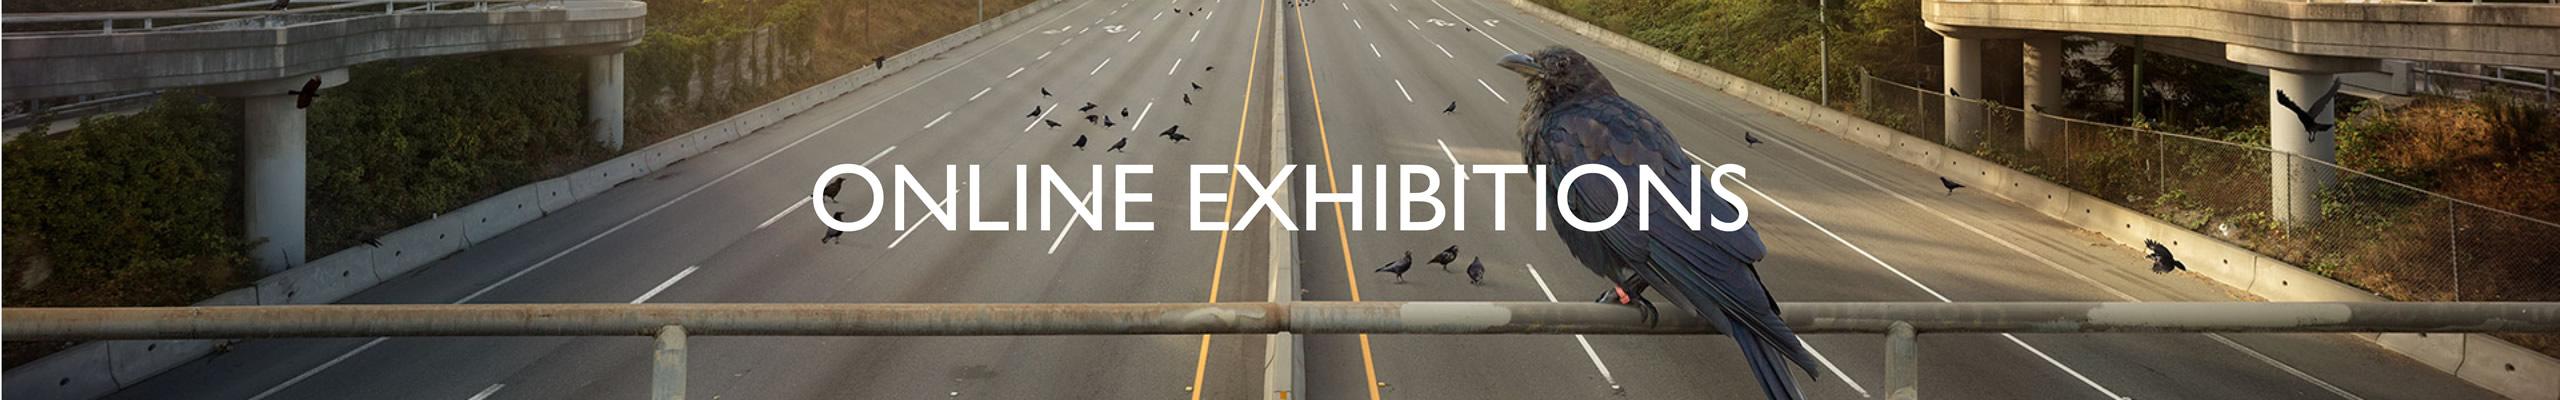 Exhibitions Online Art Galleries